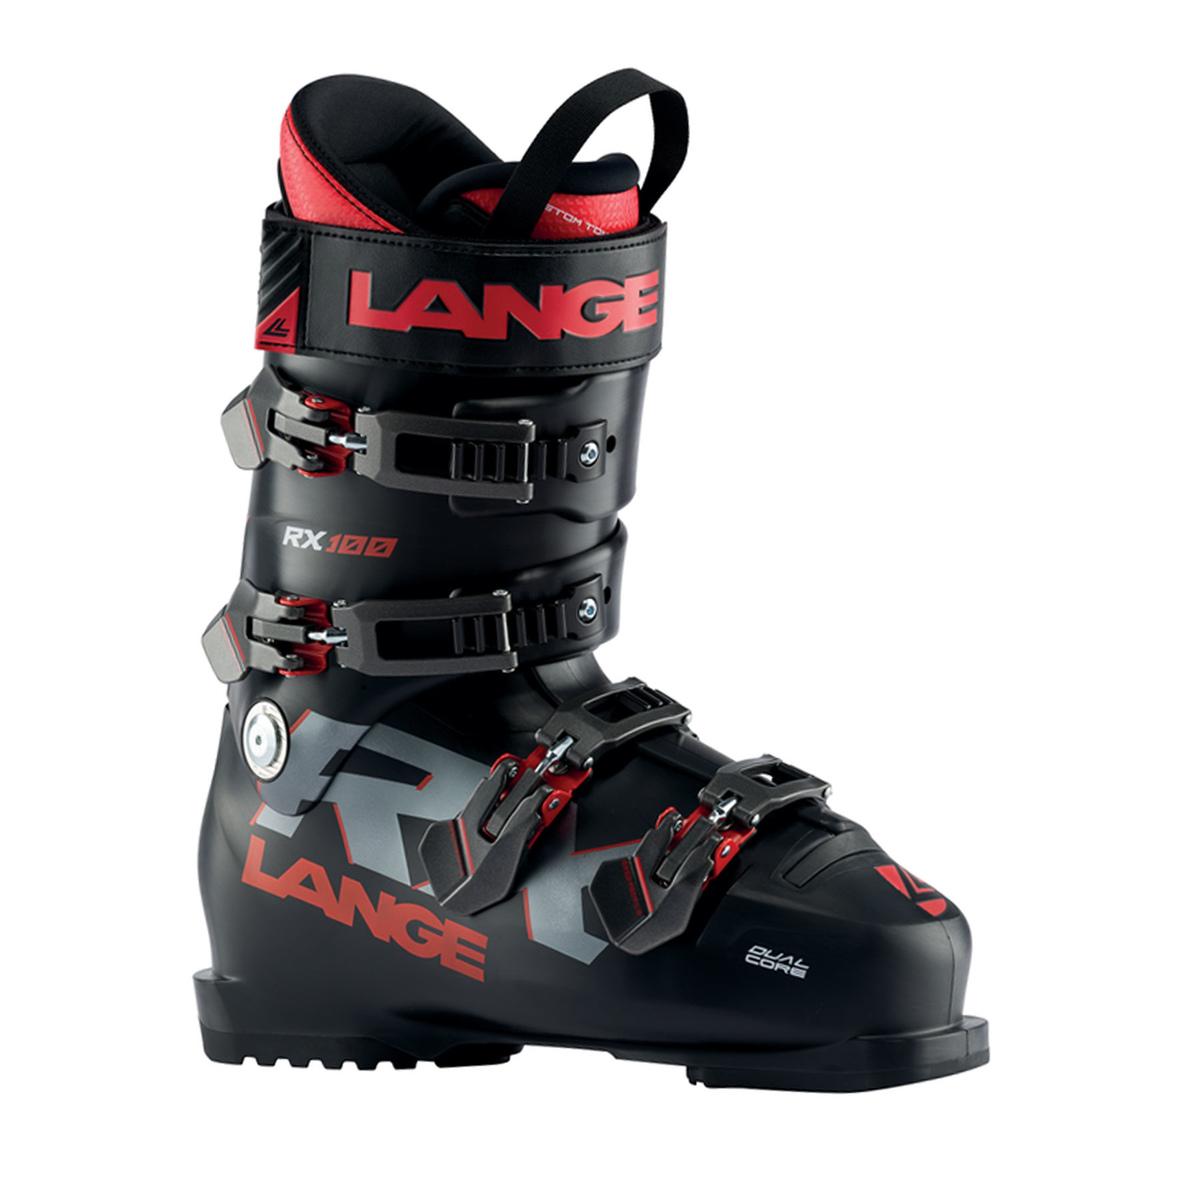 Prezzi Lange RX 100